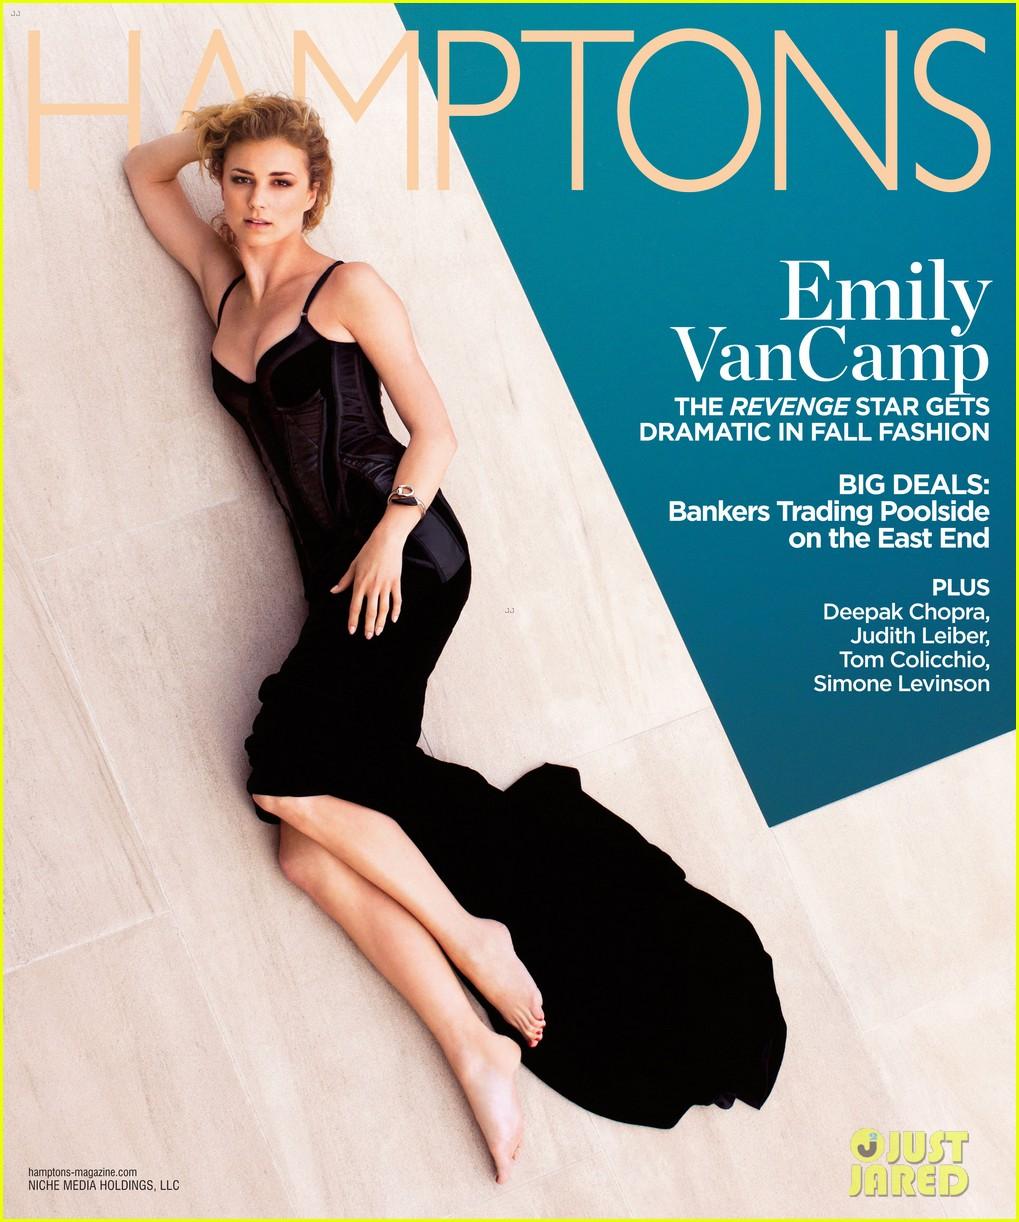 Revenge - saison 2 le 30/09, sur ABC - Page 5 Emily-vancamp-covers-hamptons-magazine-september-2012-01